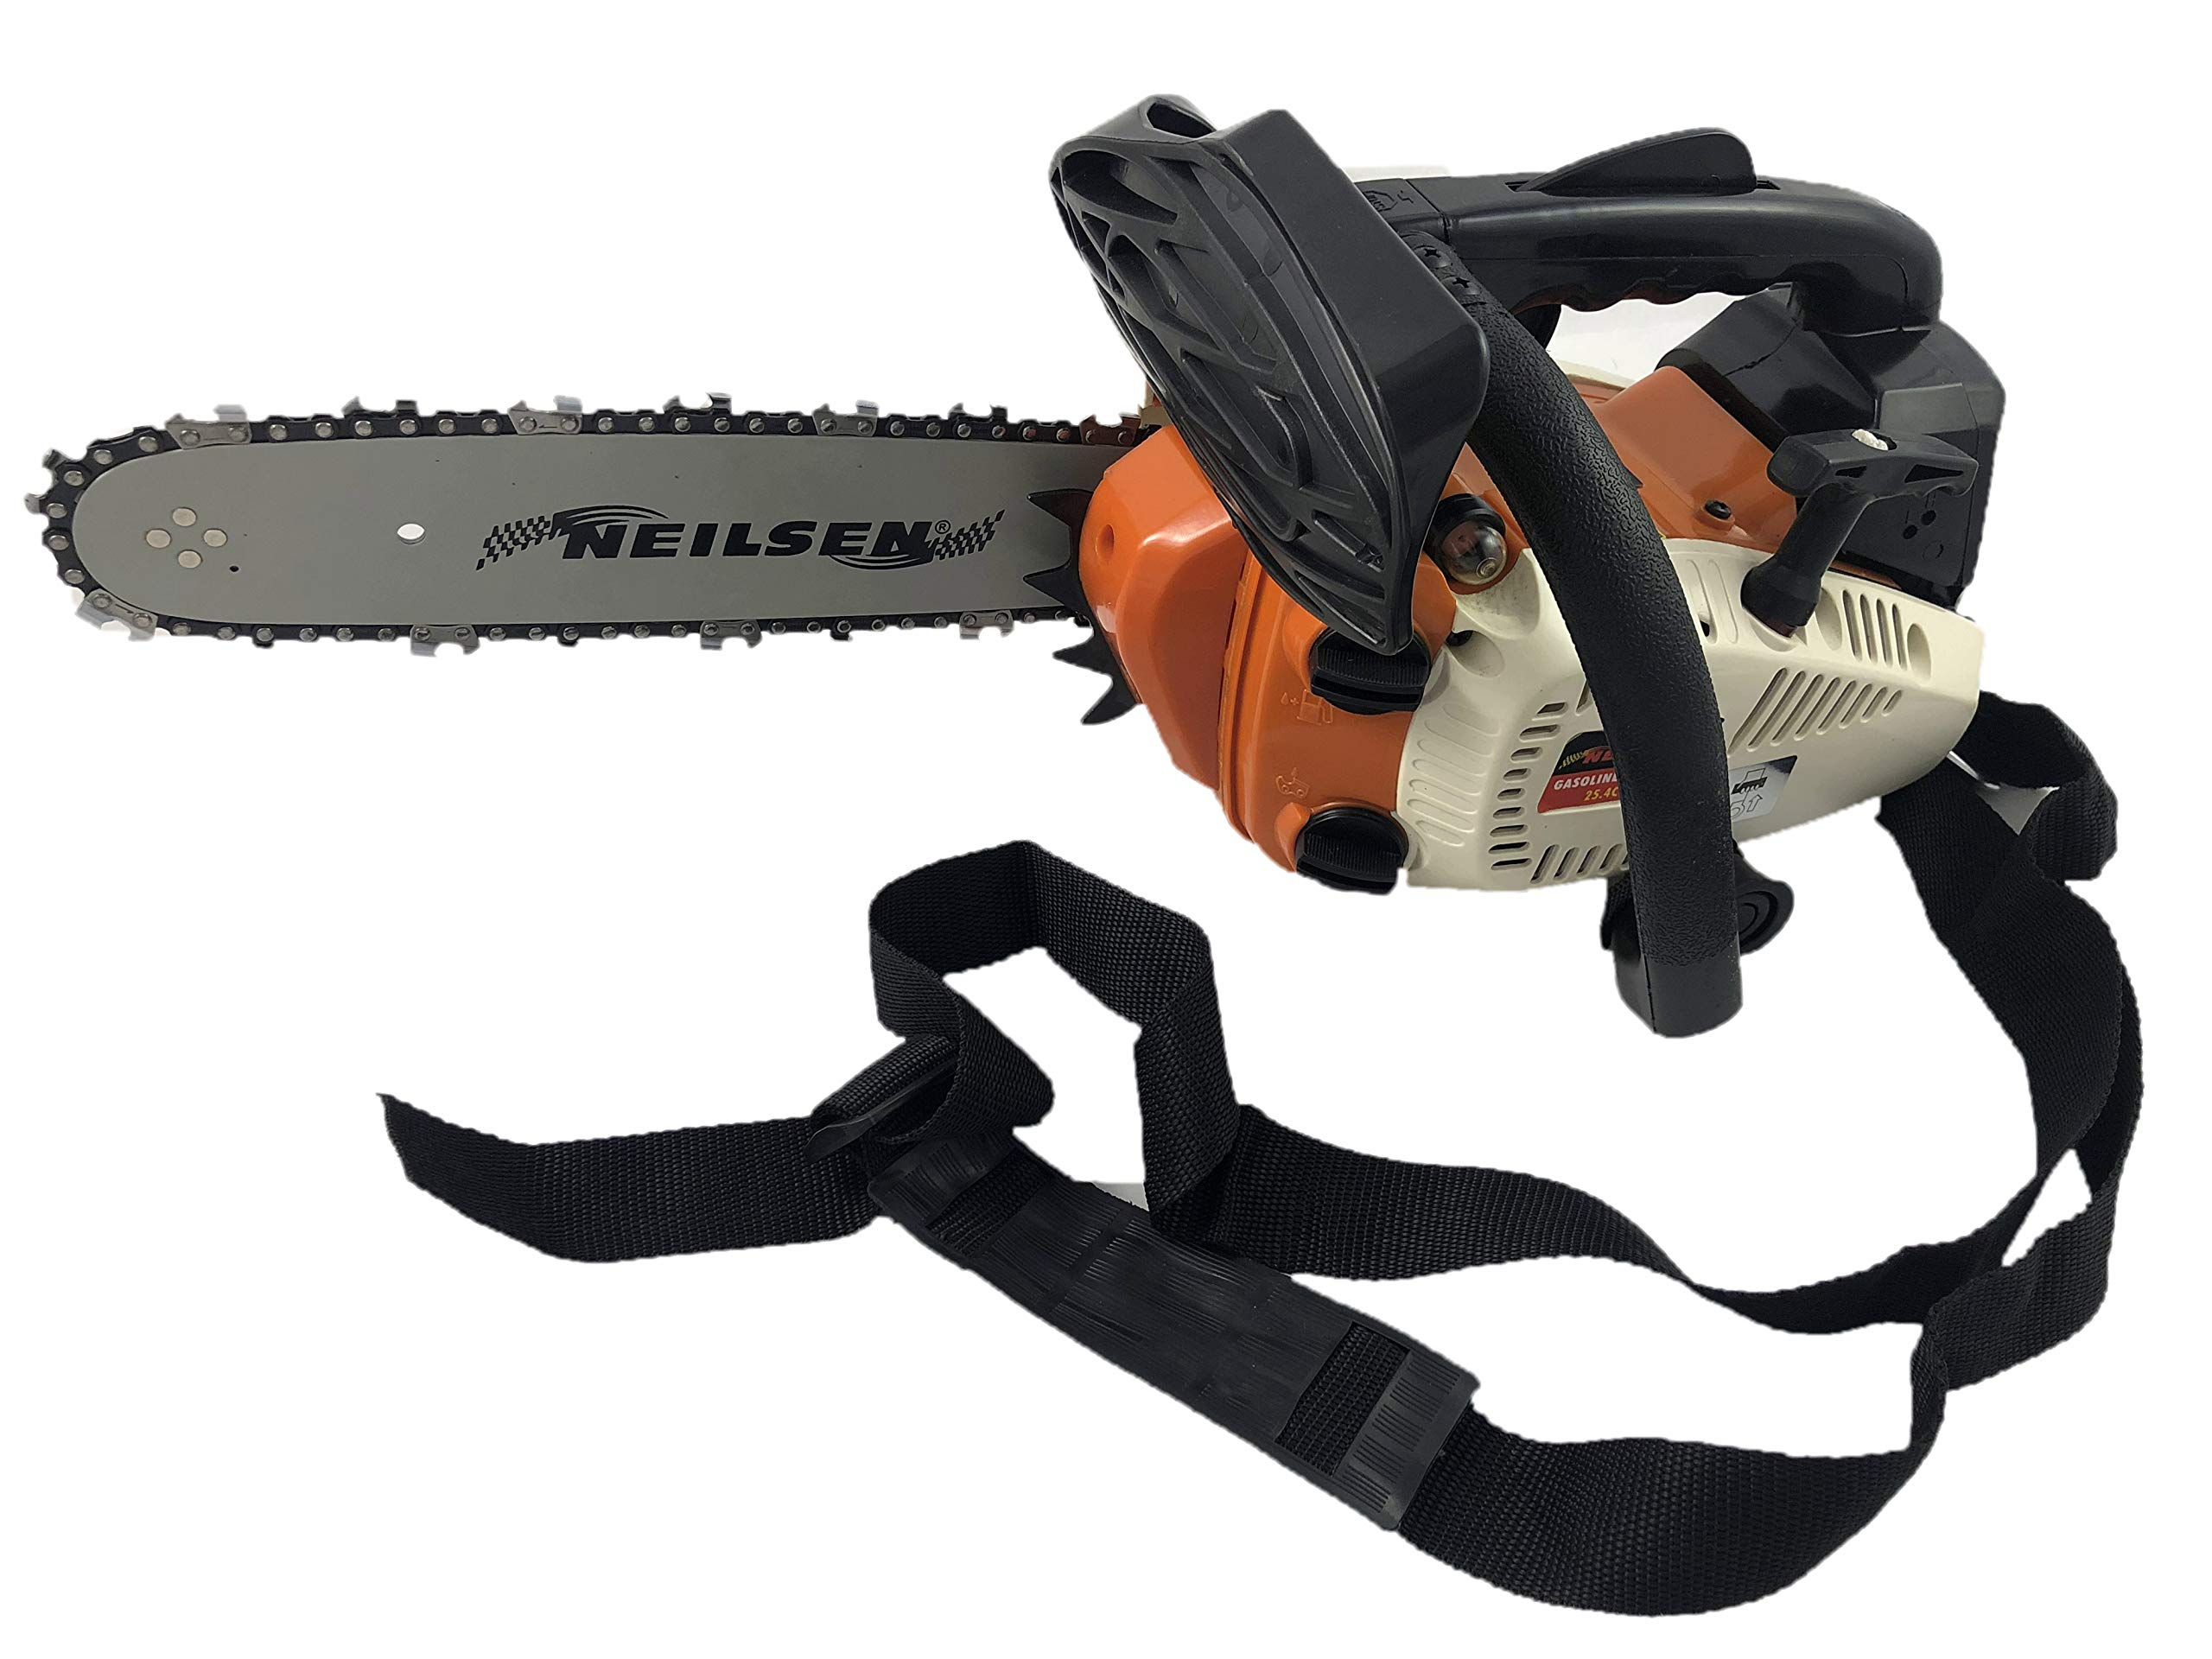 Kettensge-Benzin-Einhandsge-Schwertlnge-305-cm-12-automatische-Kettenschmierung-Motorsge-Motorkettensge-254-ccm